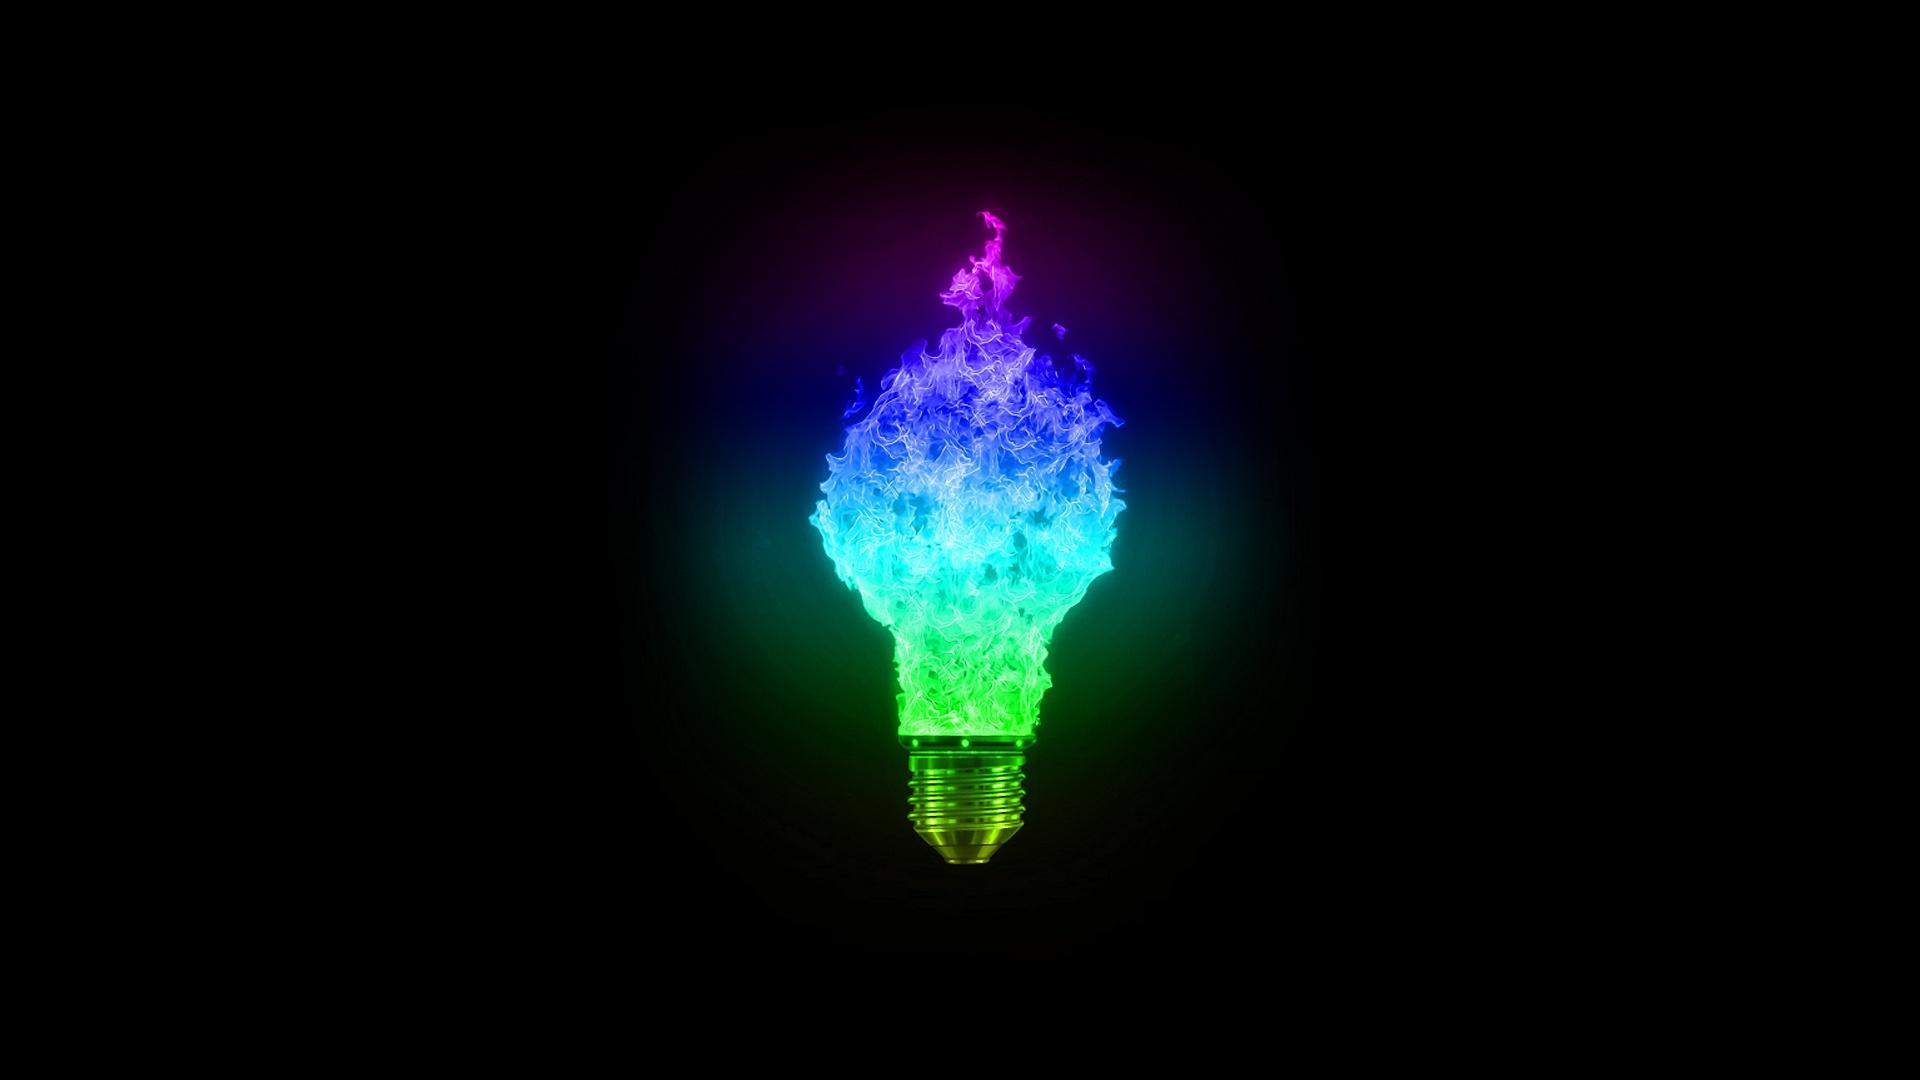 Light Up full hd wallpaper